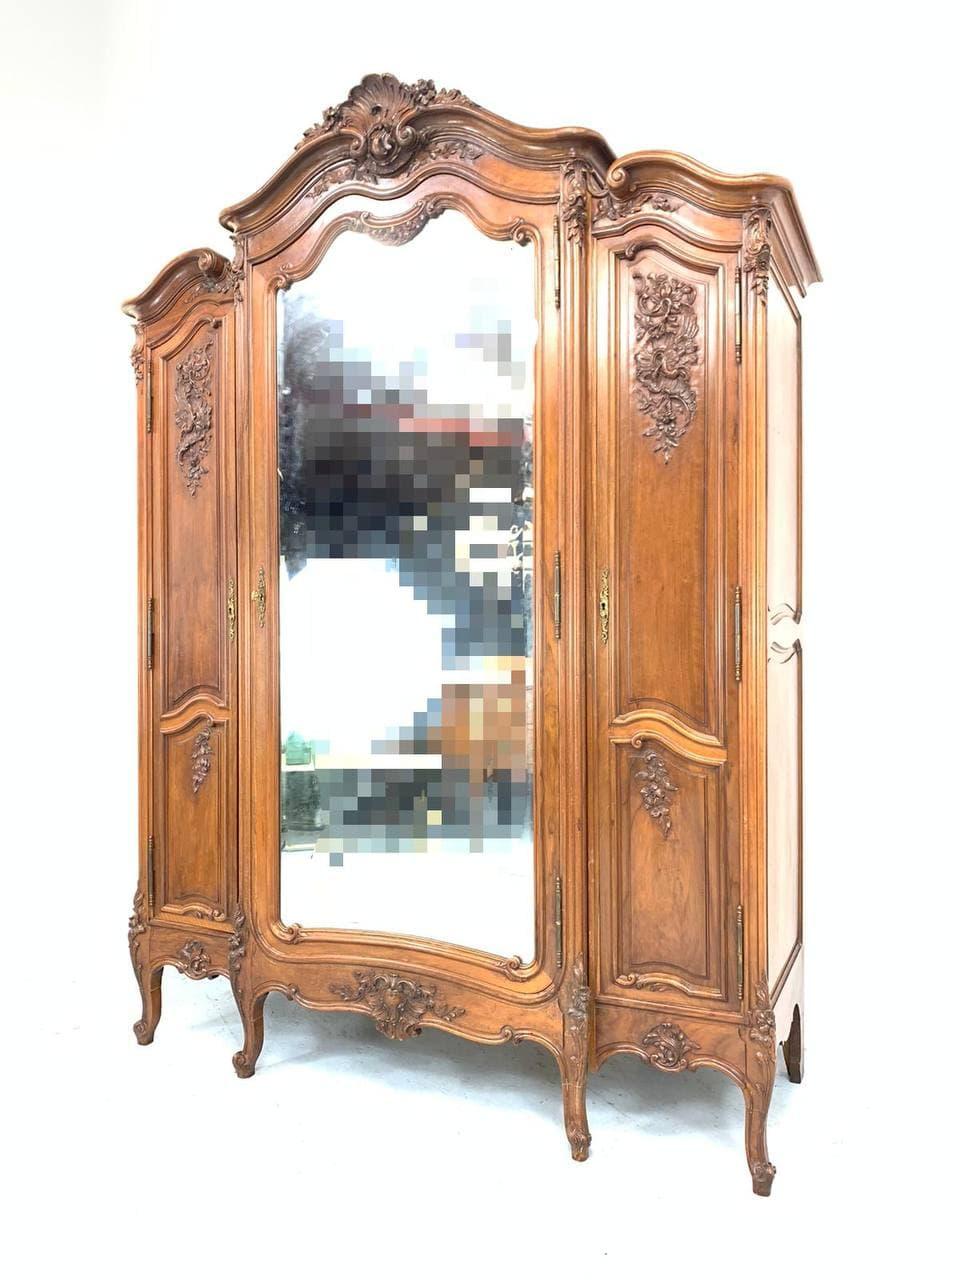 Антикварный платяной и бельевой шкаф в стиле Рококо